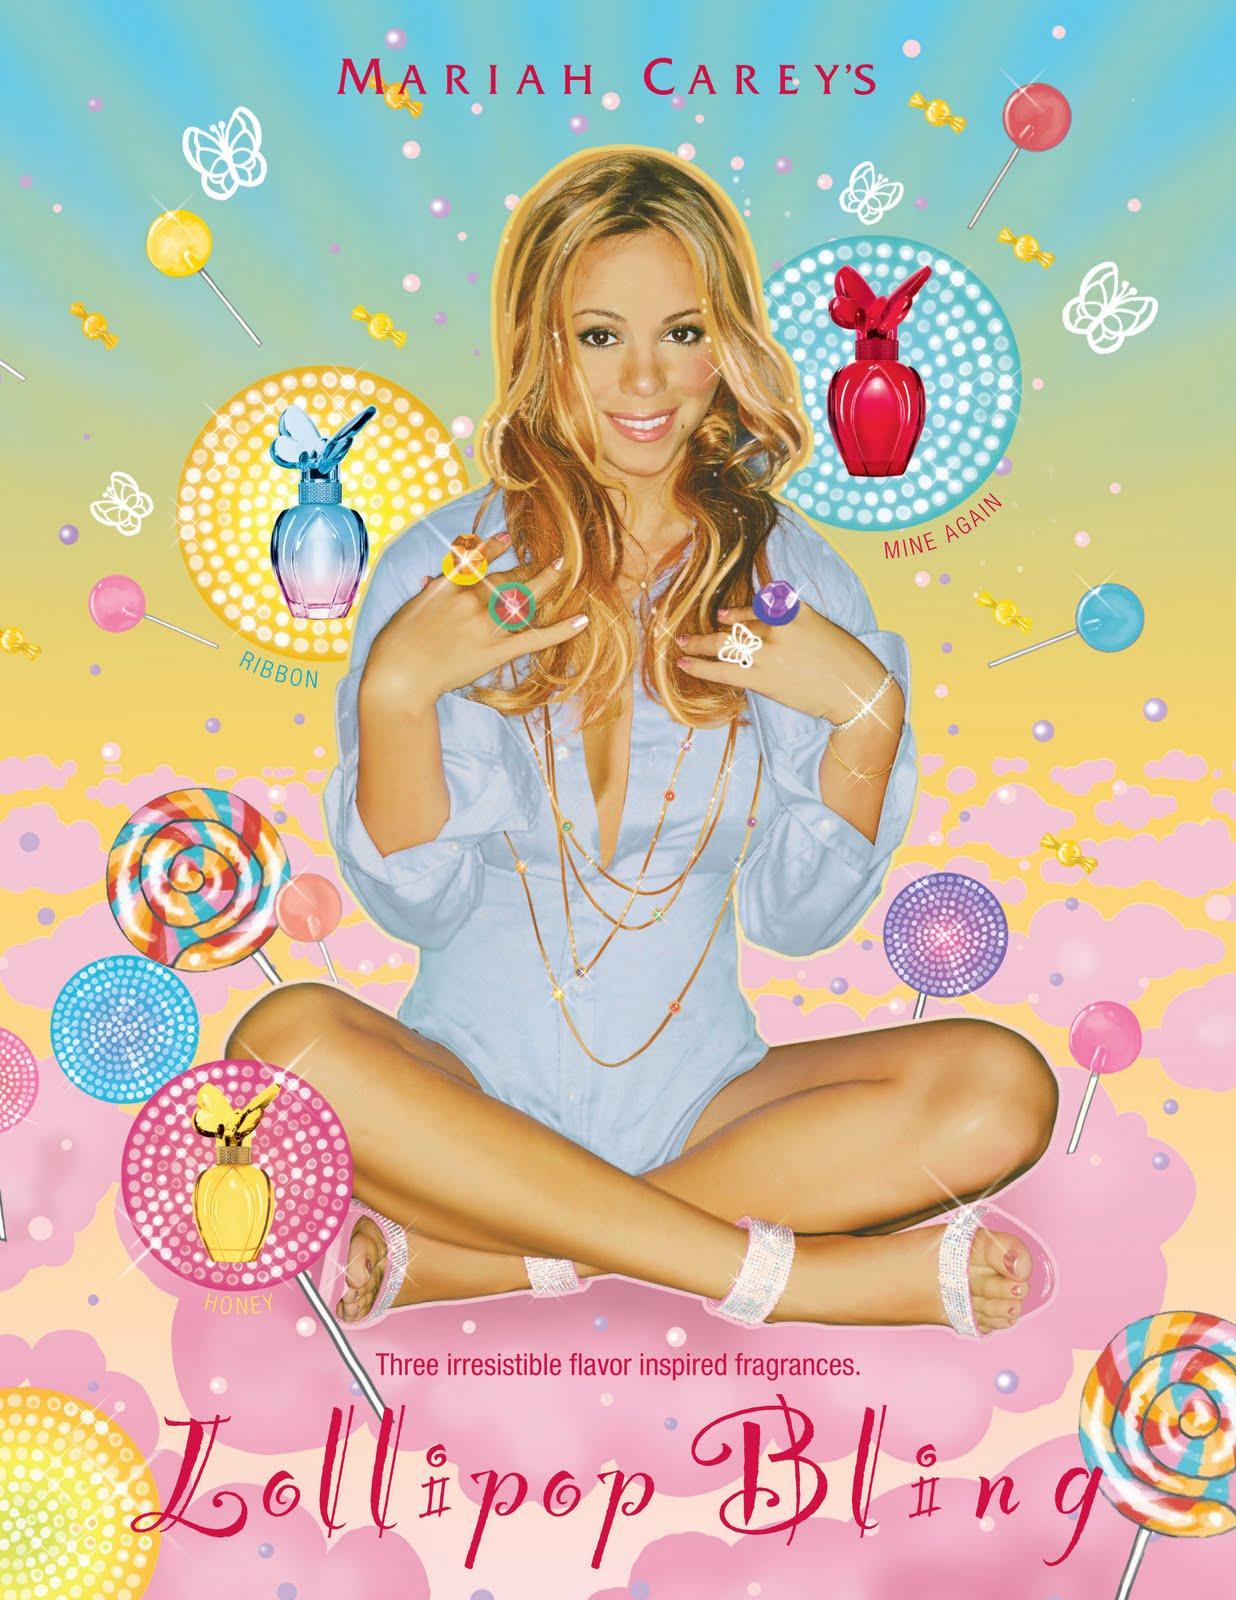 http://3.bp.blogspot.com/-aTVpQImjN6k/UESIQPPoc-I/AAAAAAAAARM/wEeFWHhroUo/s1600/Mariah+Carey+Fragrance+%E2%80%93+Lollipop+Bling++Perfume.jpg